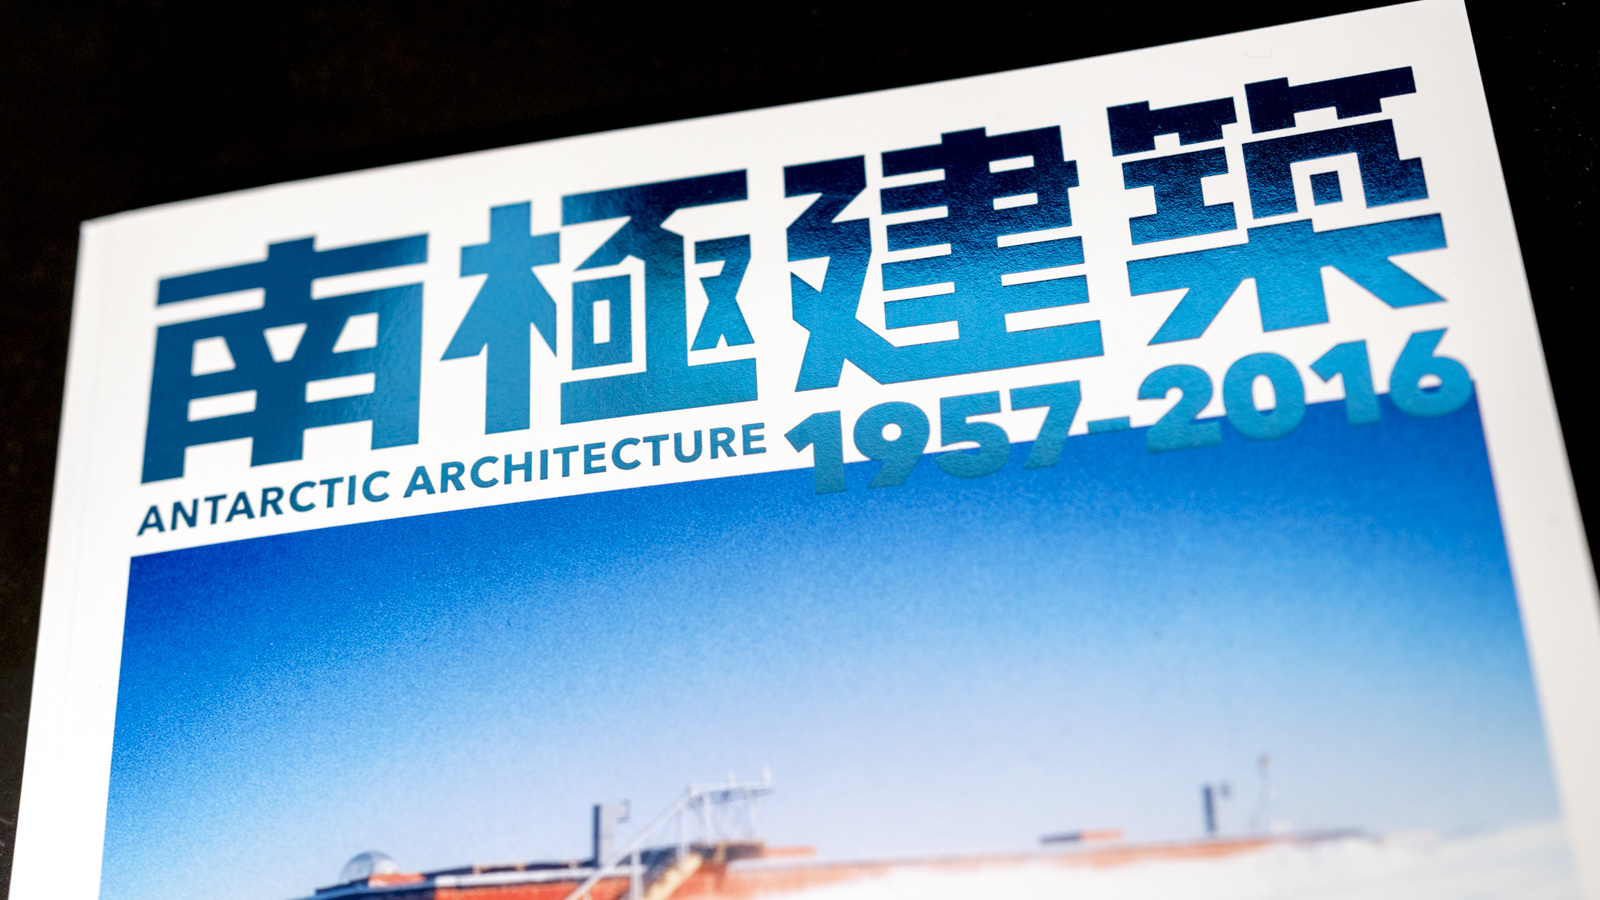 「オタクが好きな本2016」のトップは『南極建築1957-2016』に決定しました。_b0029315_15241618.jpg